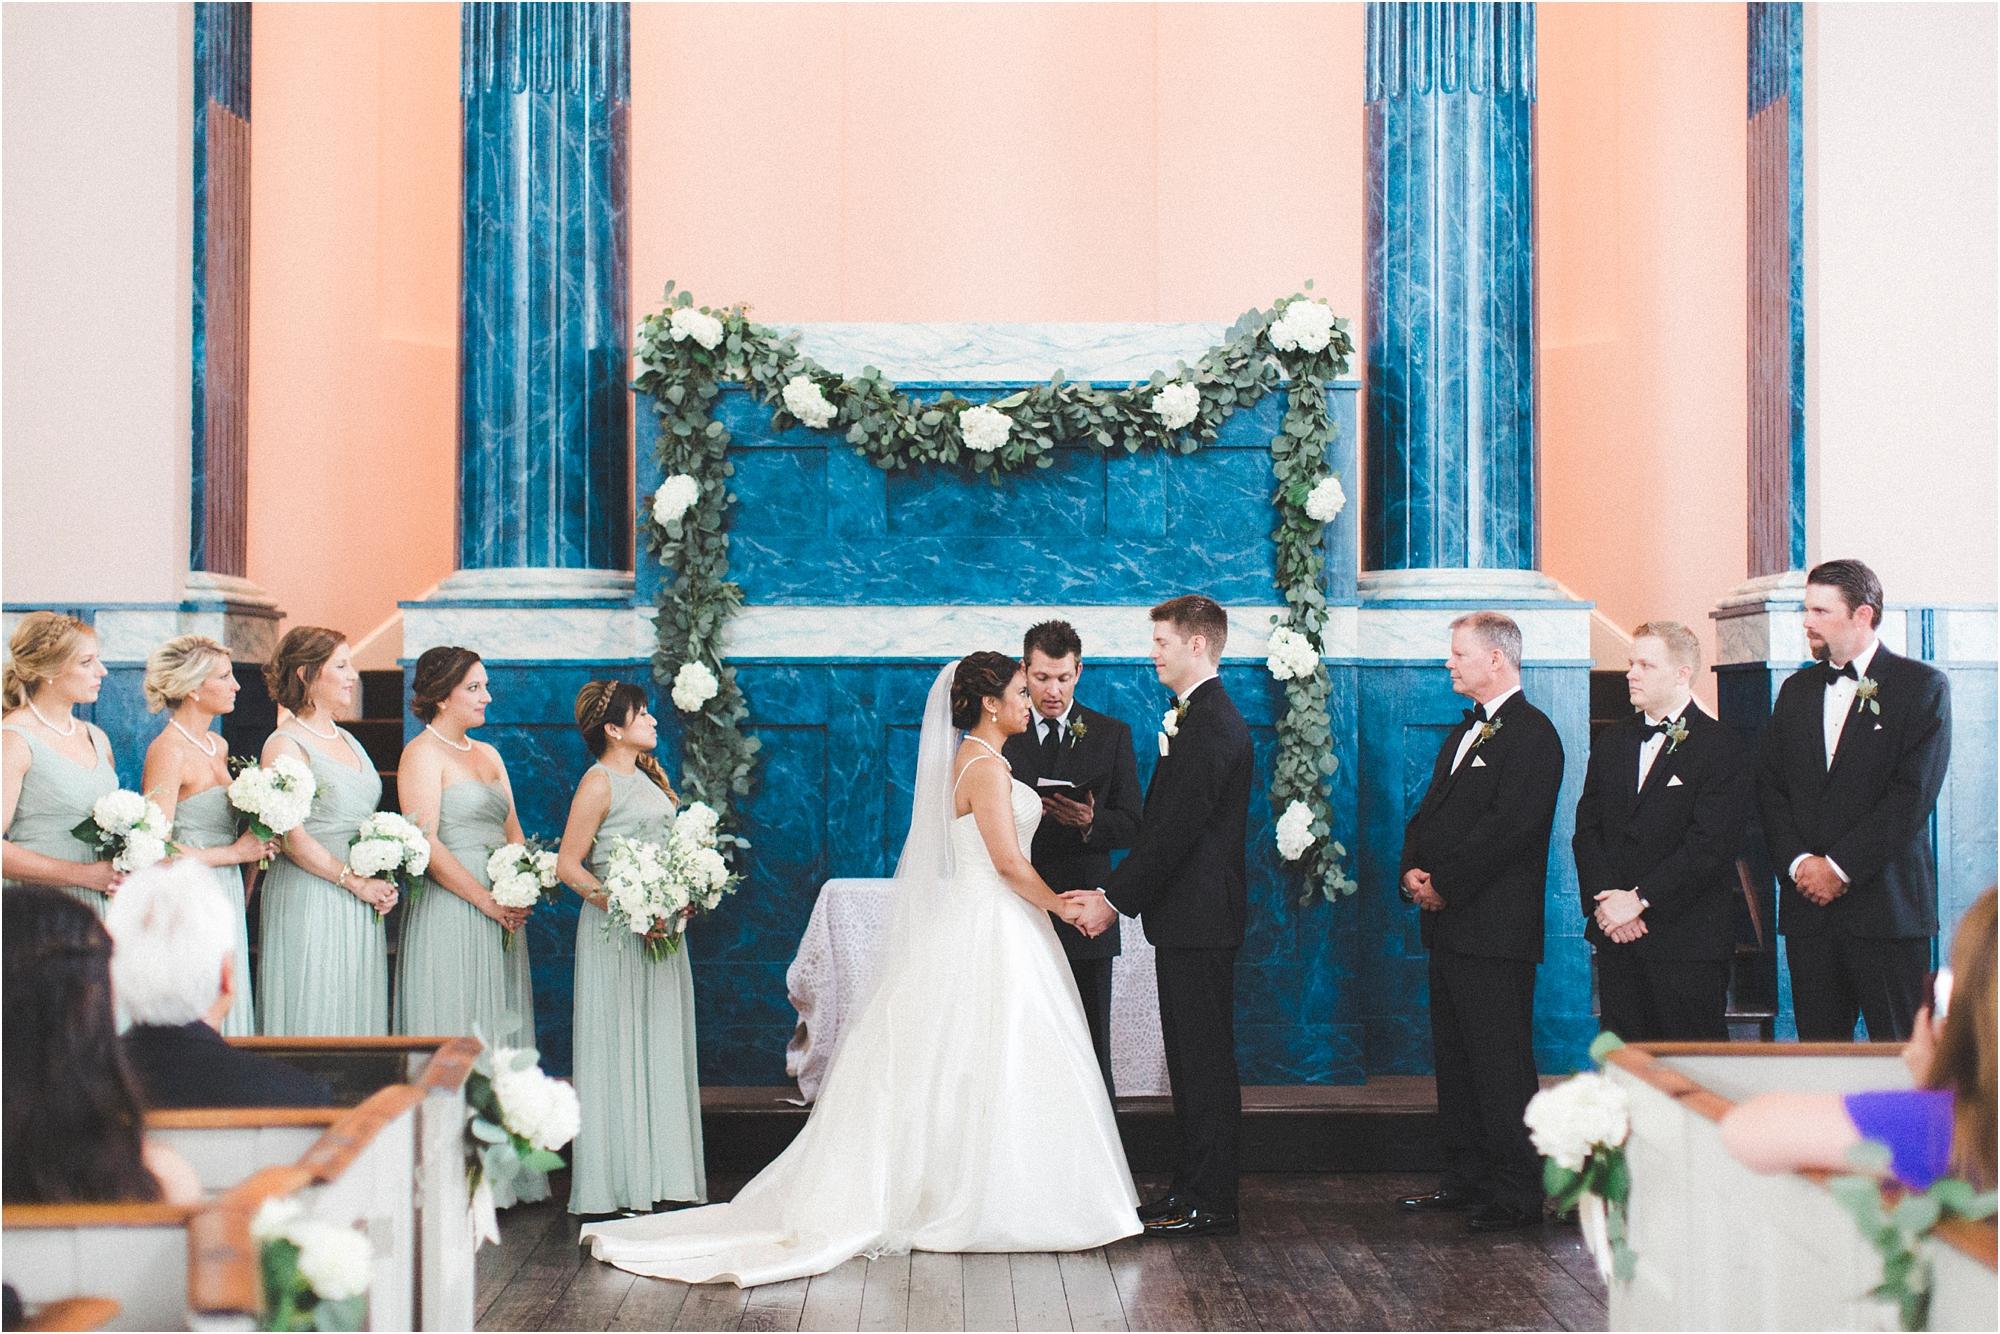 stephanie-yonce-photography-historic-church-virginia-museu-fine-arts-wedding-photos_040a.JPG